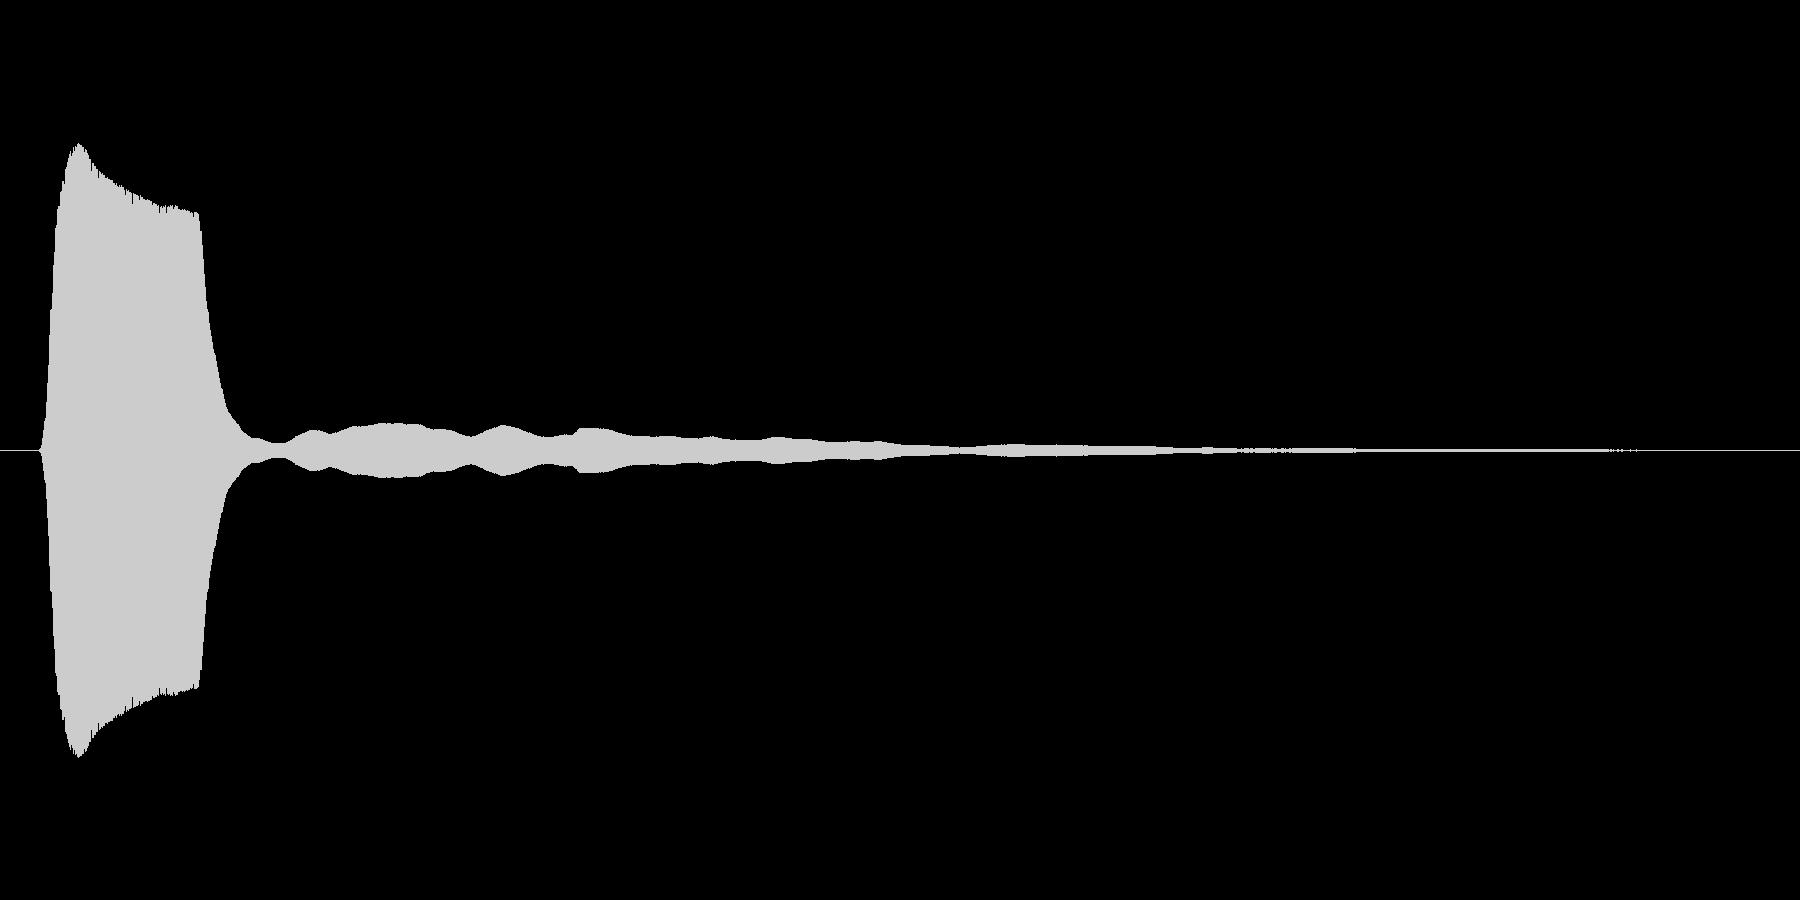 低音のソナーのような短信音の未再生の波形